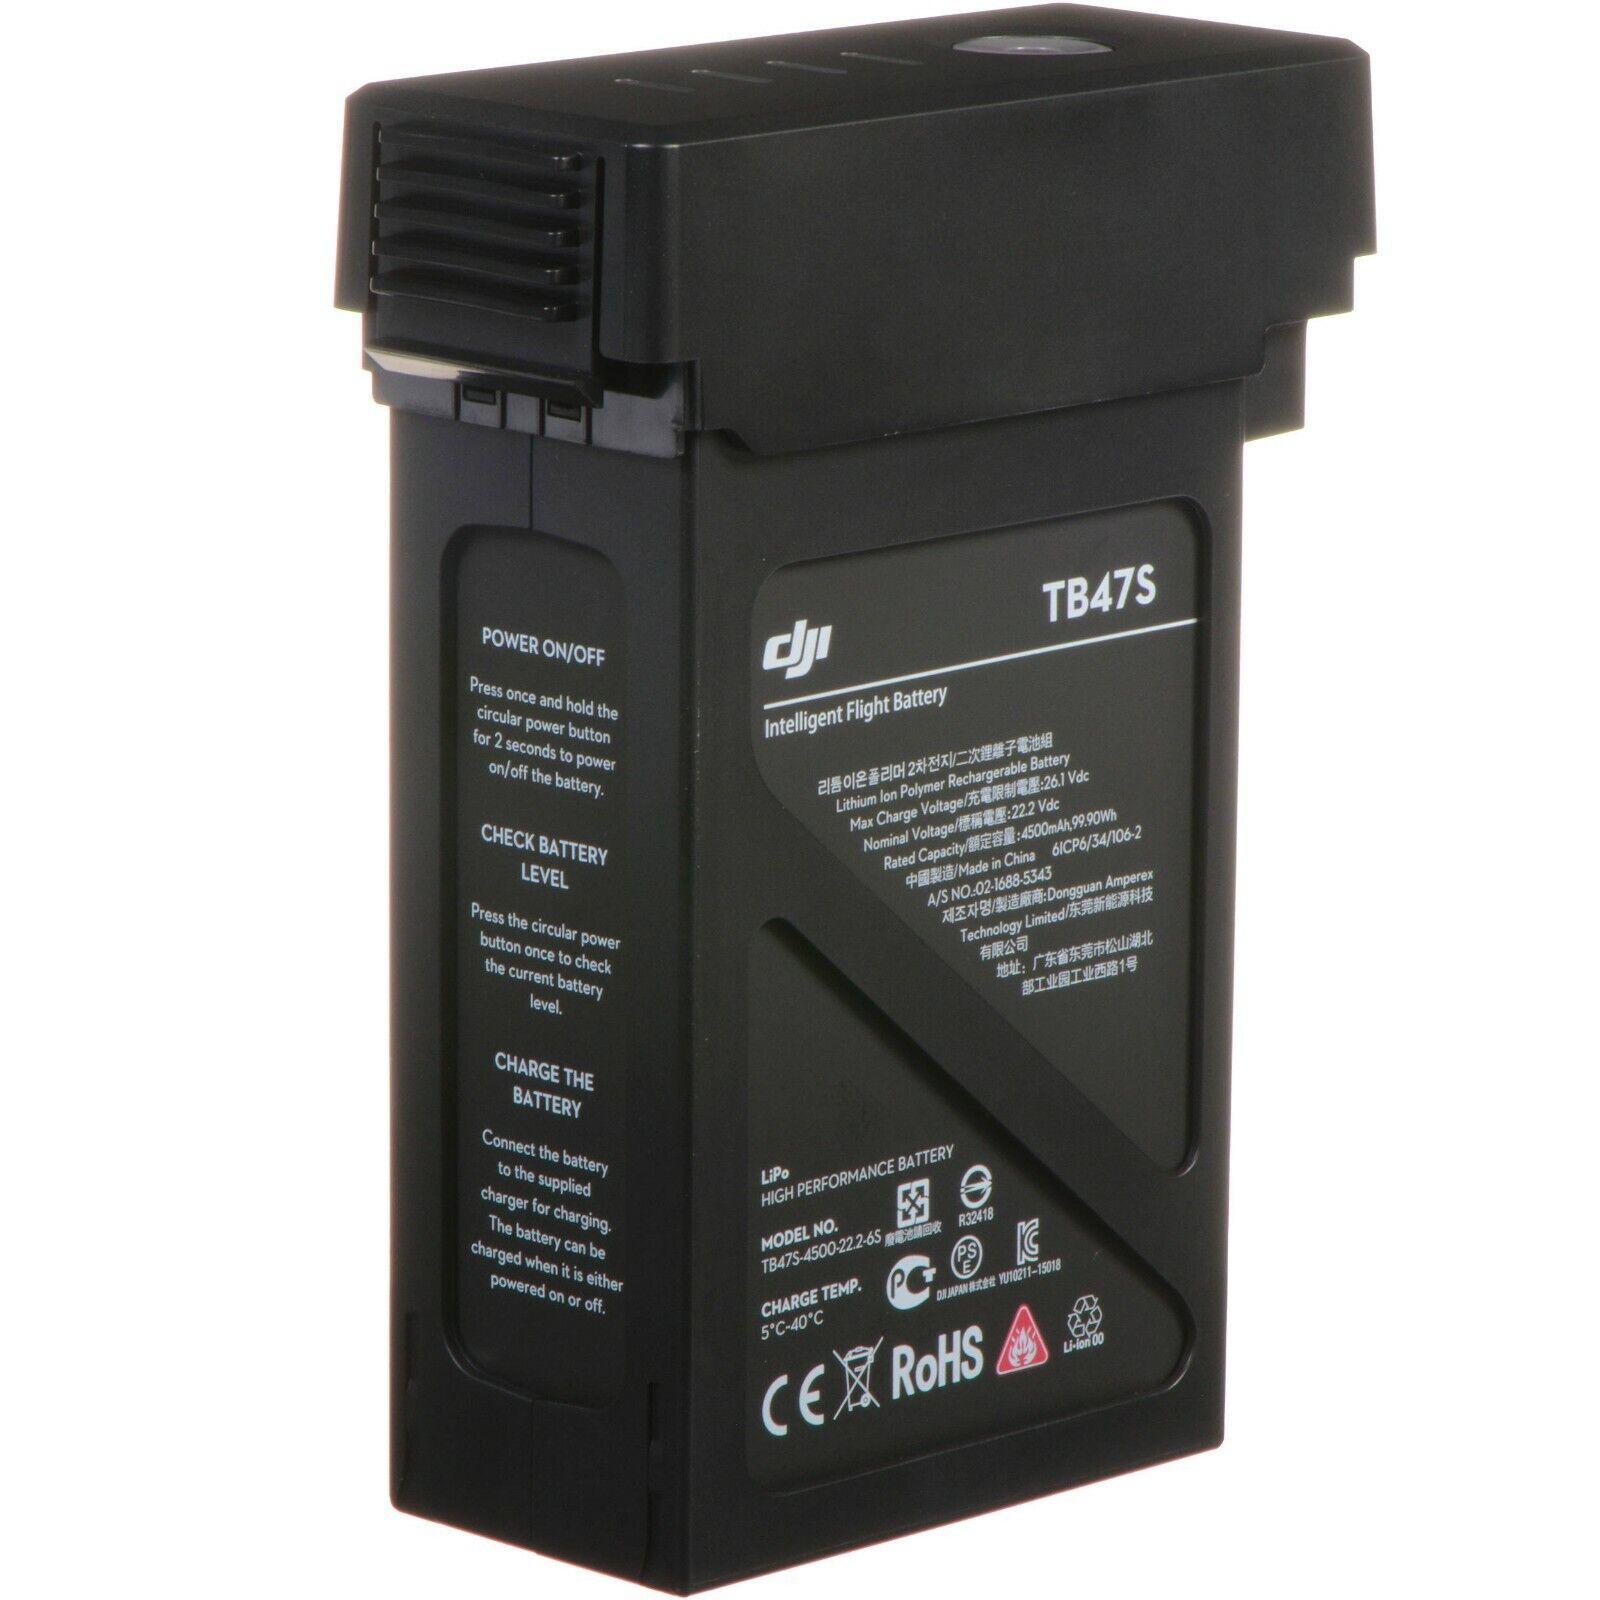 (x5) - DJI TB47s - Intelligent Flight Battery - Matrice 600/PRO - Lot of (x5)